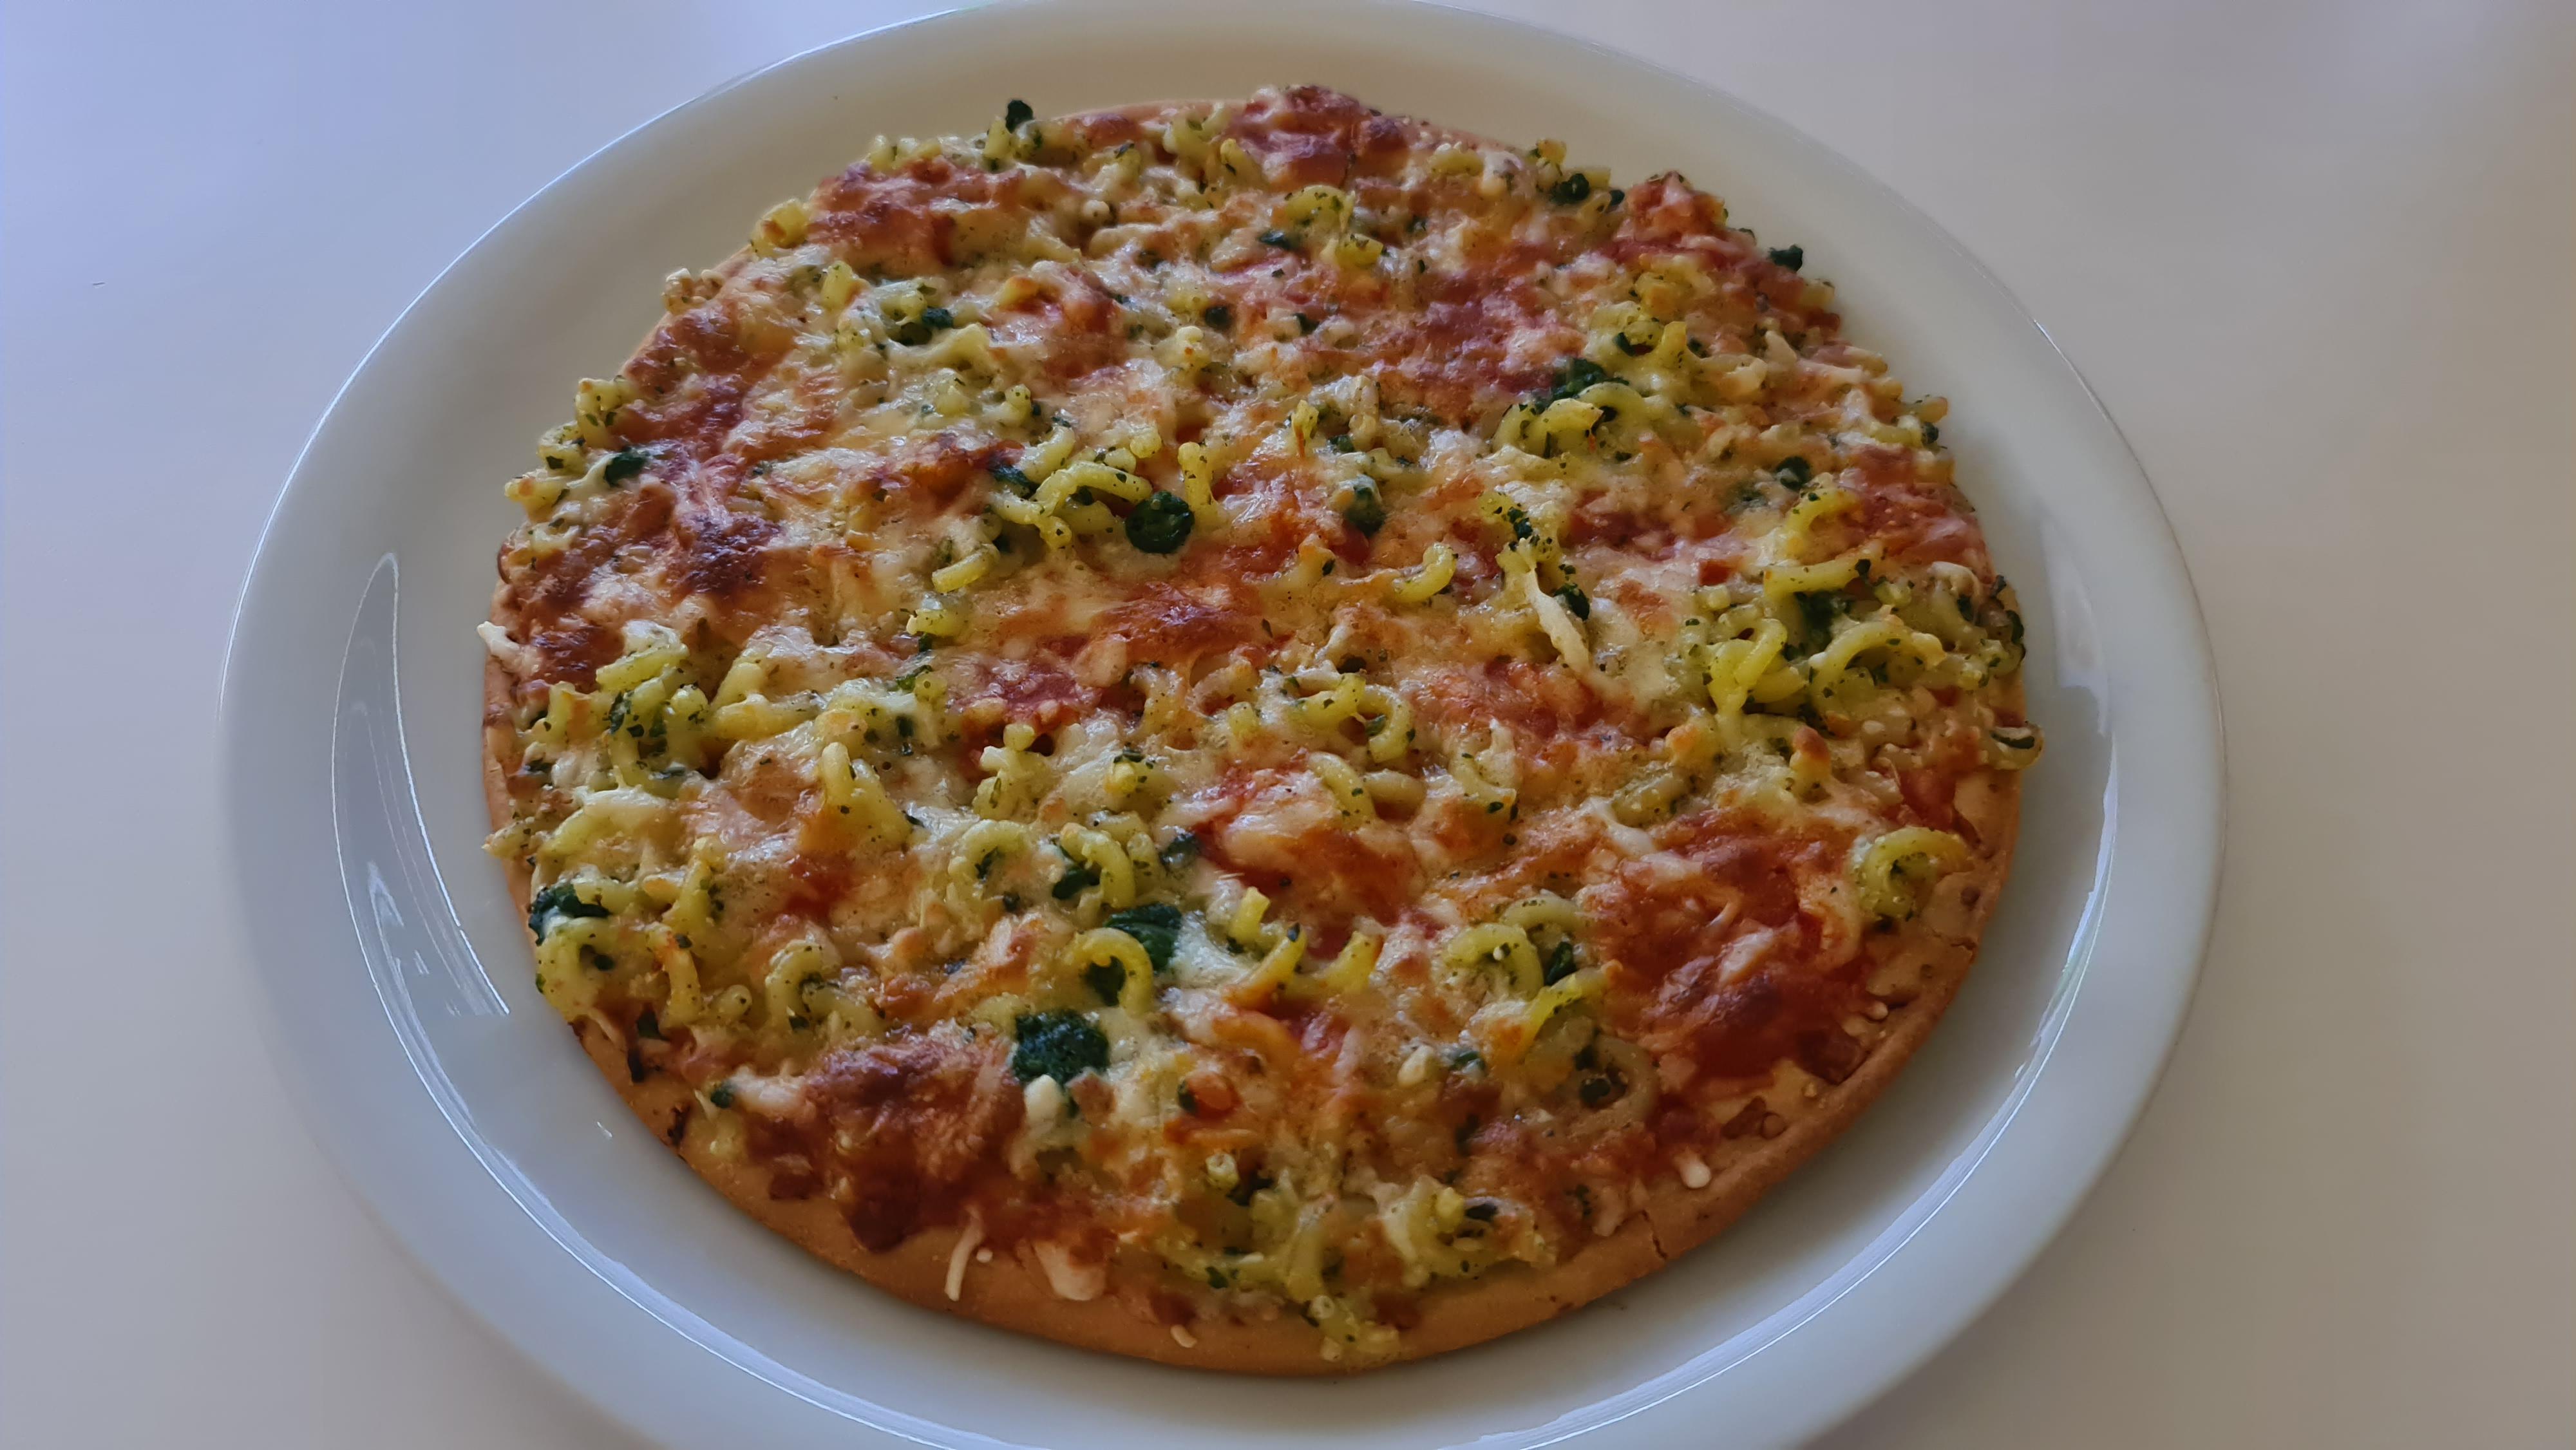 https://foodloader.net/Holz_2020-05-29_Pizza.jpg